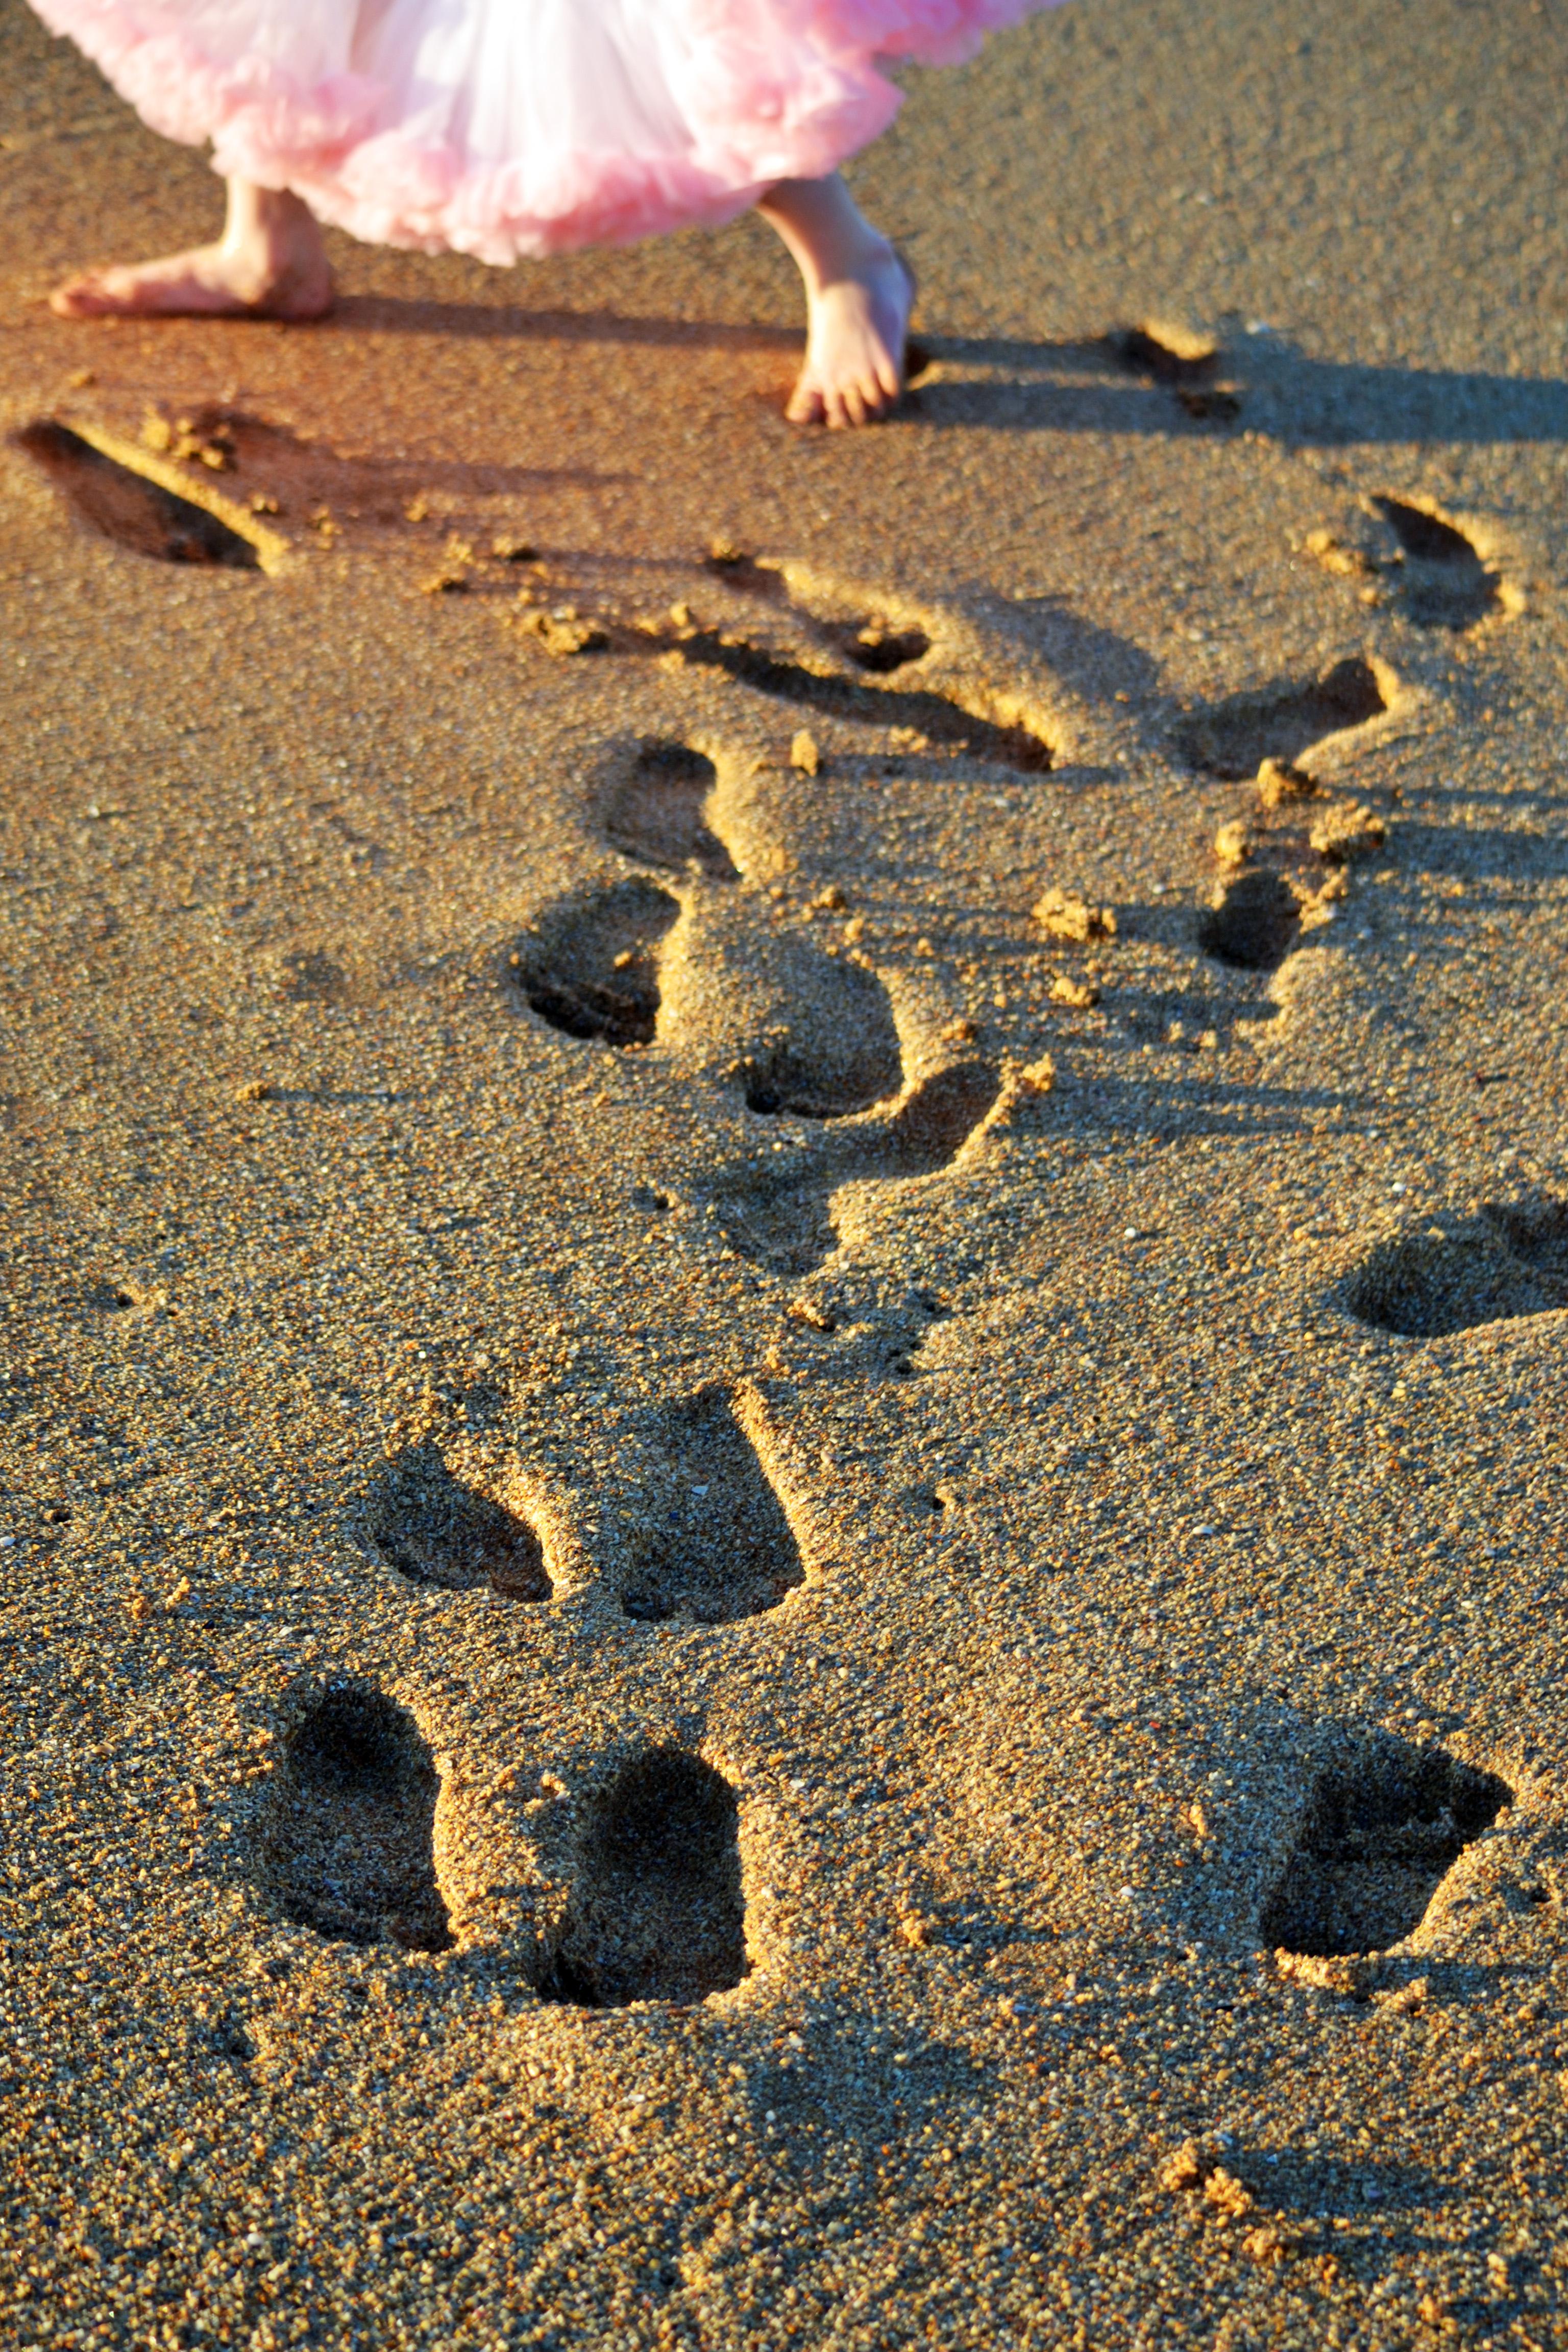 Amelia footprints in sand